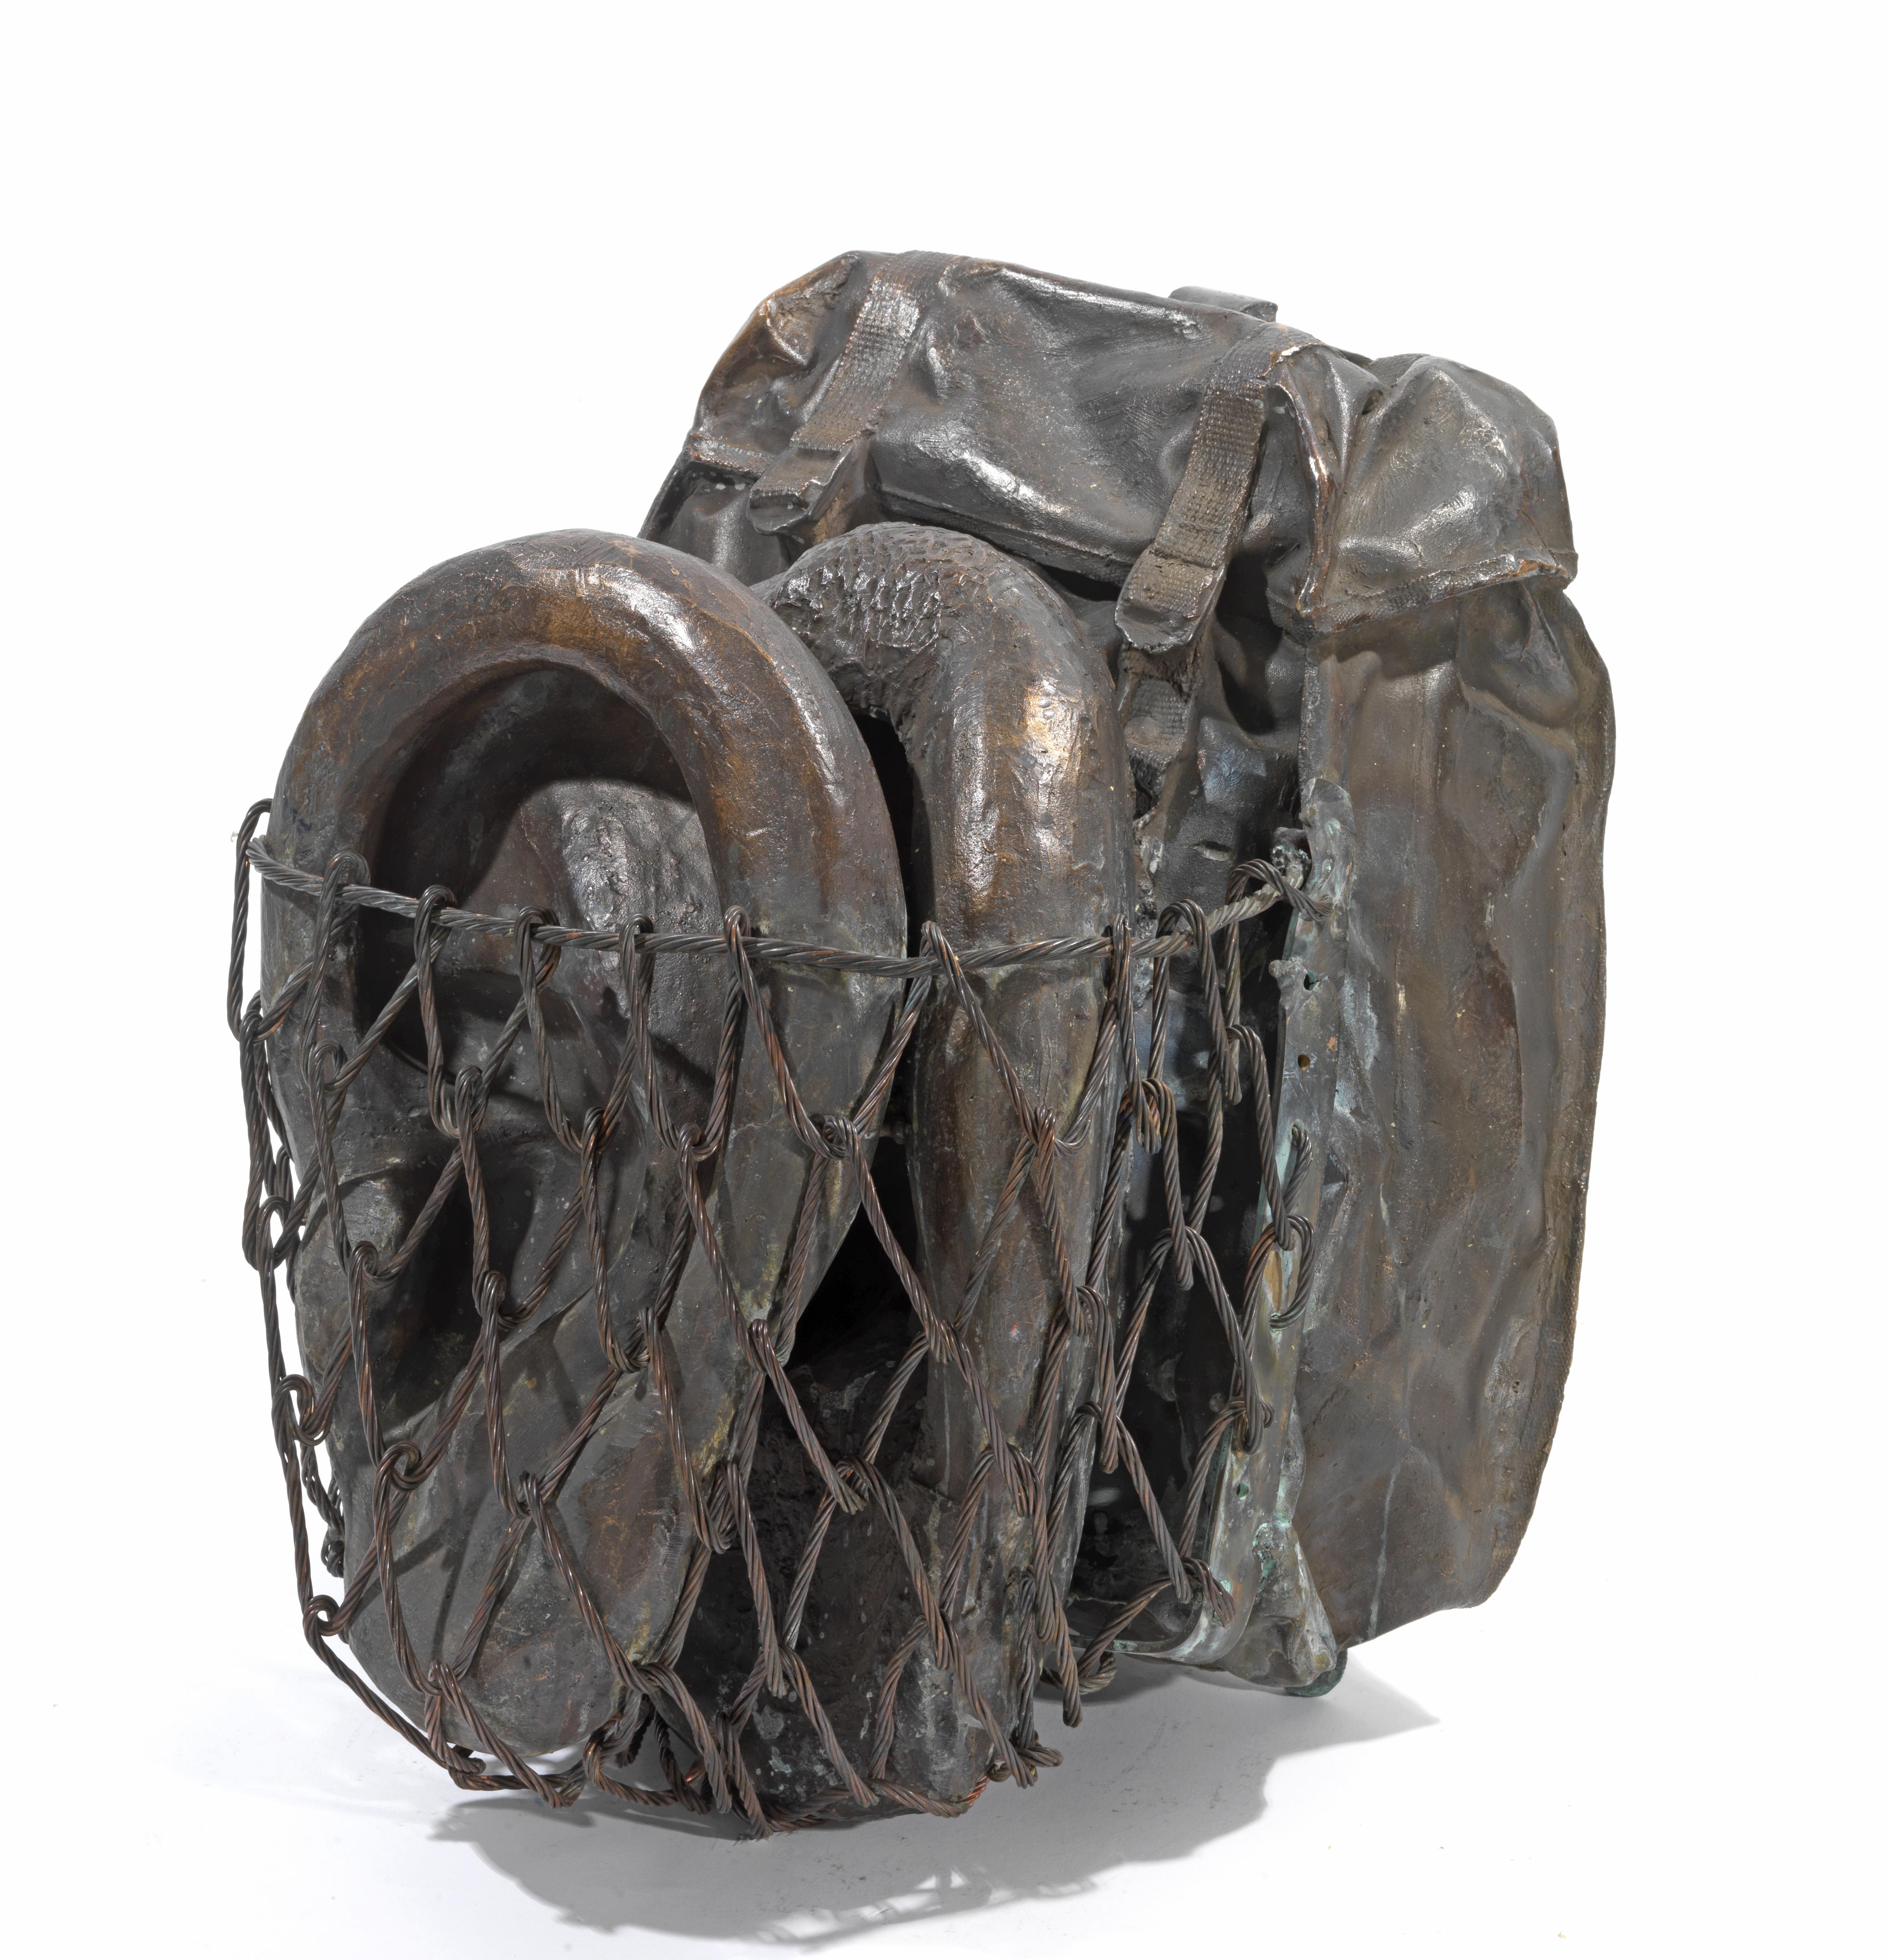 Σακίδιο με Αυτιά, Μπρούντζος, 39 Χ 28 Χ 34, 2013